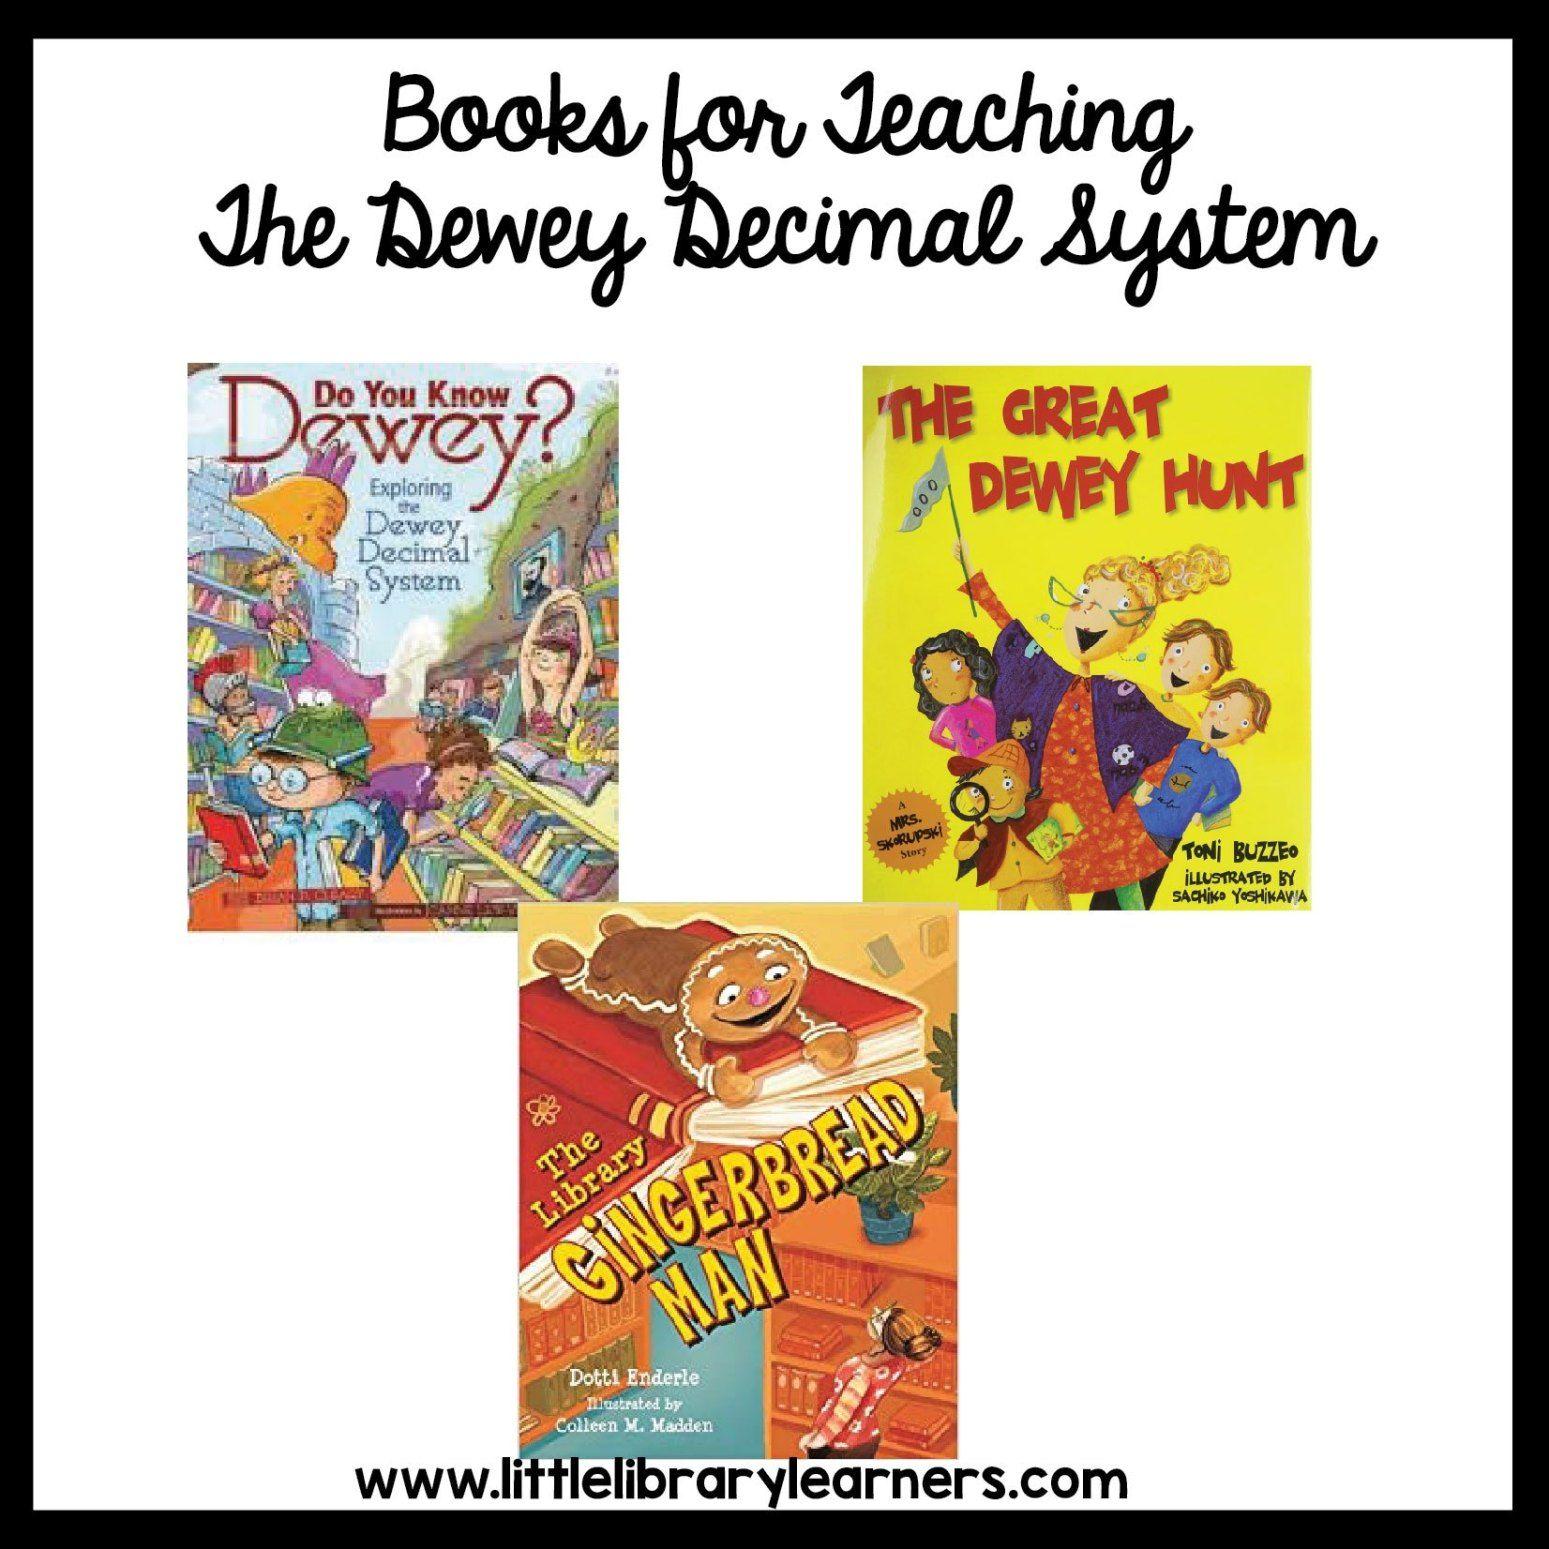 Making The Dewey Decimal System Fun